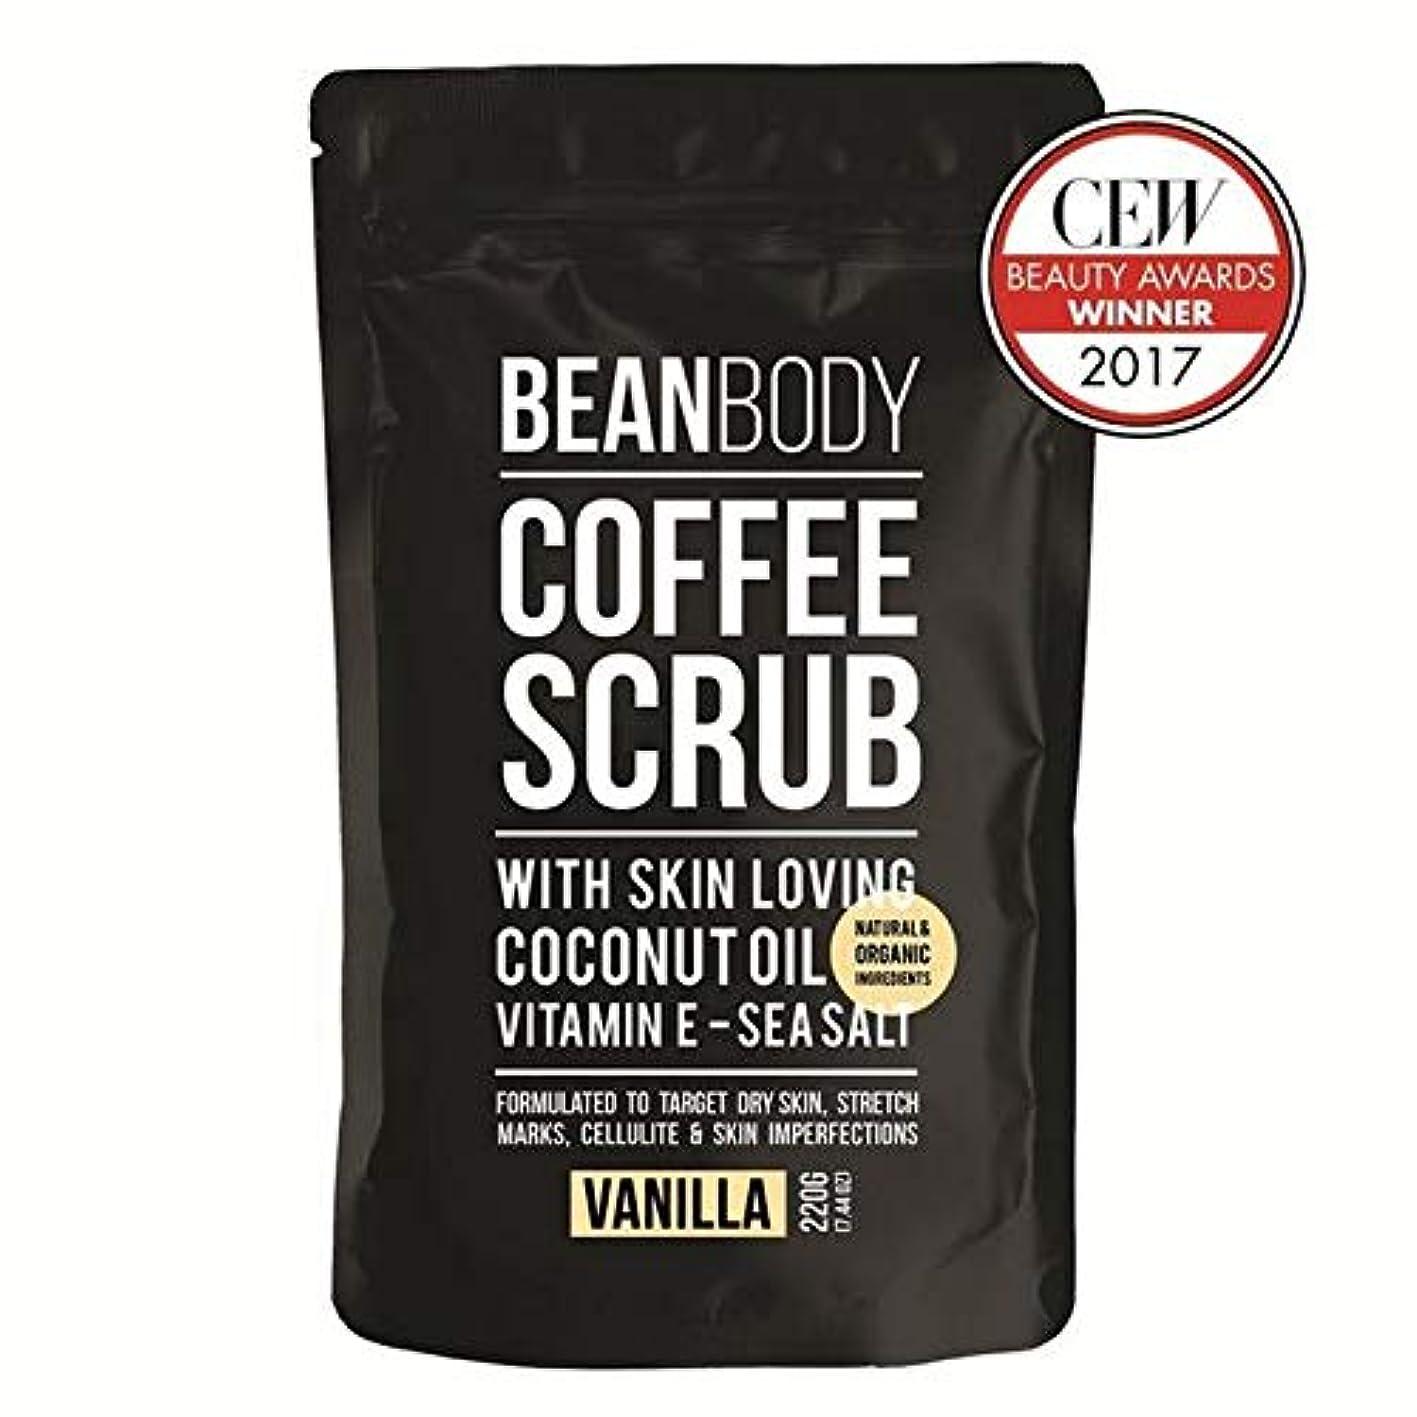 信頼講義若者[Bean Body ] 豆のボディスクラブコーヒー、バニラ220グラム - Bean Body Coffee Scrub, Vanilla 220g [並行輸入品]